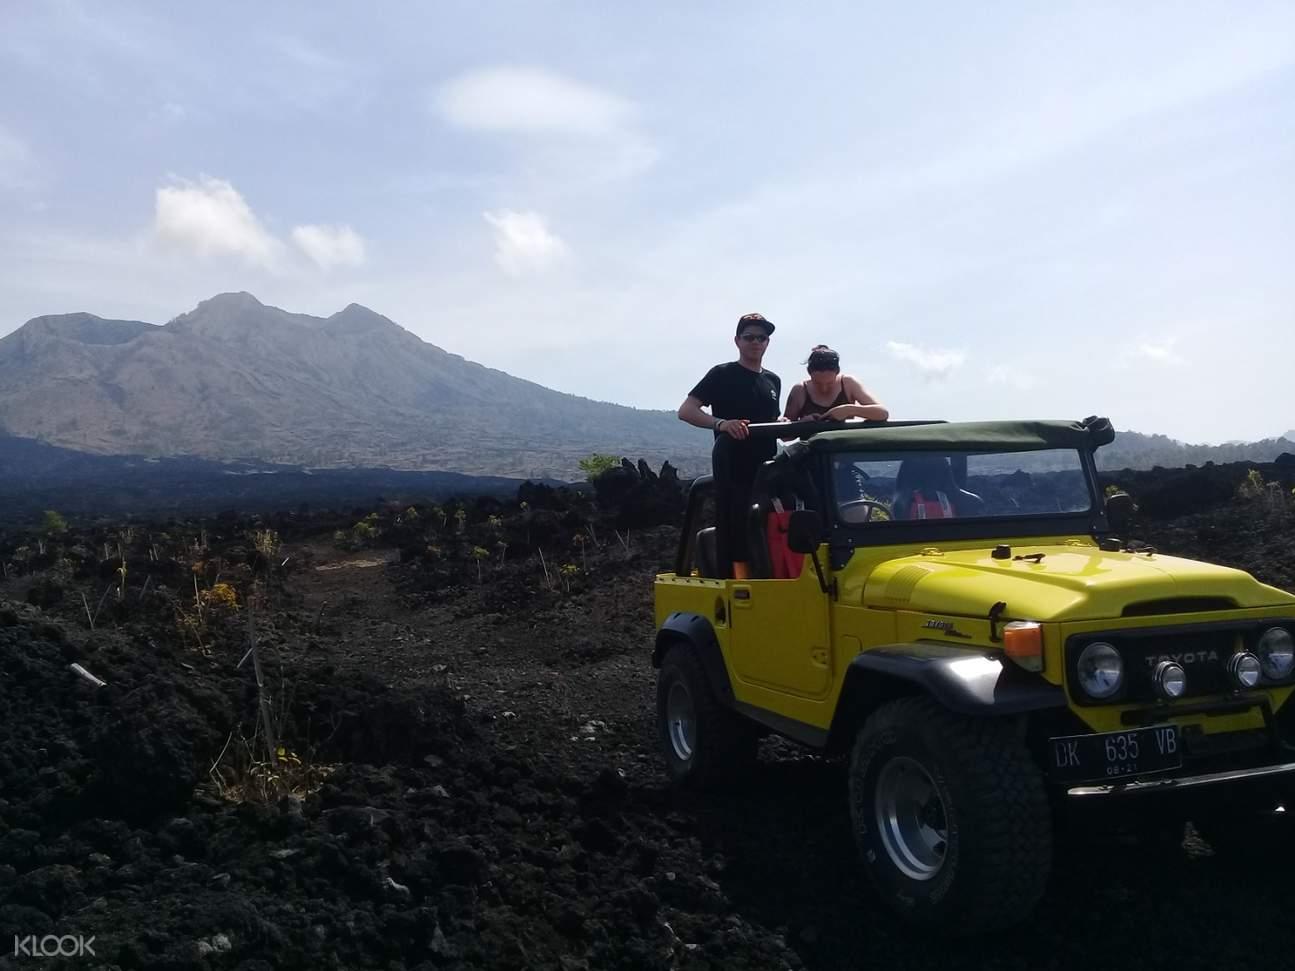 4wd jeep against mount batur